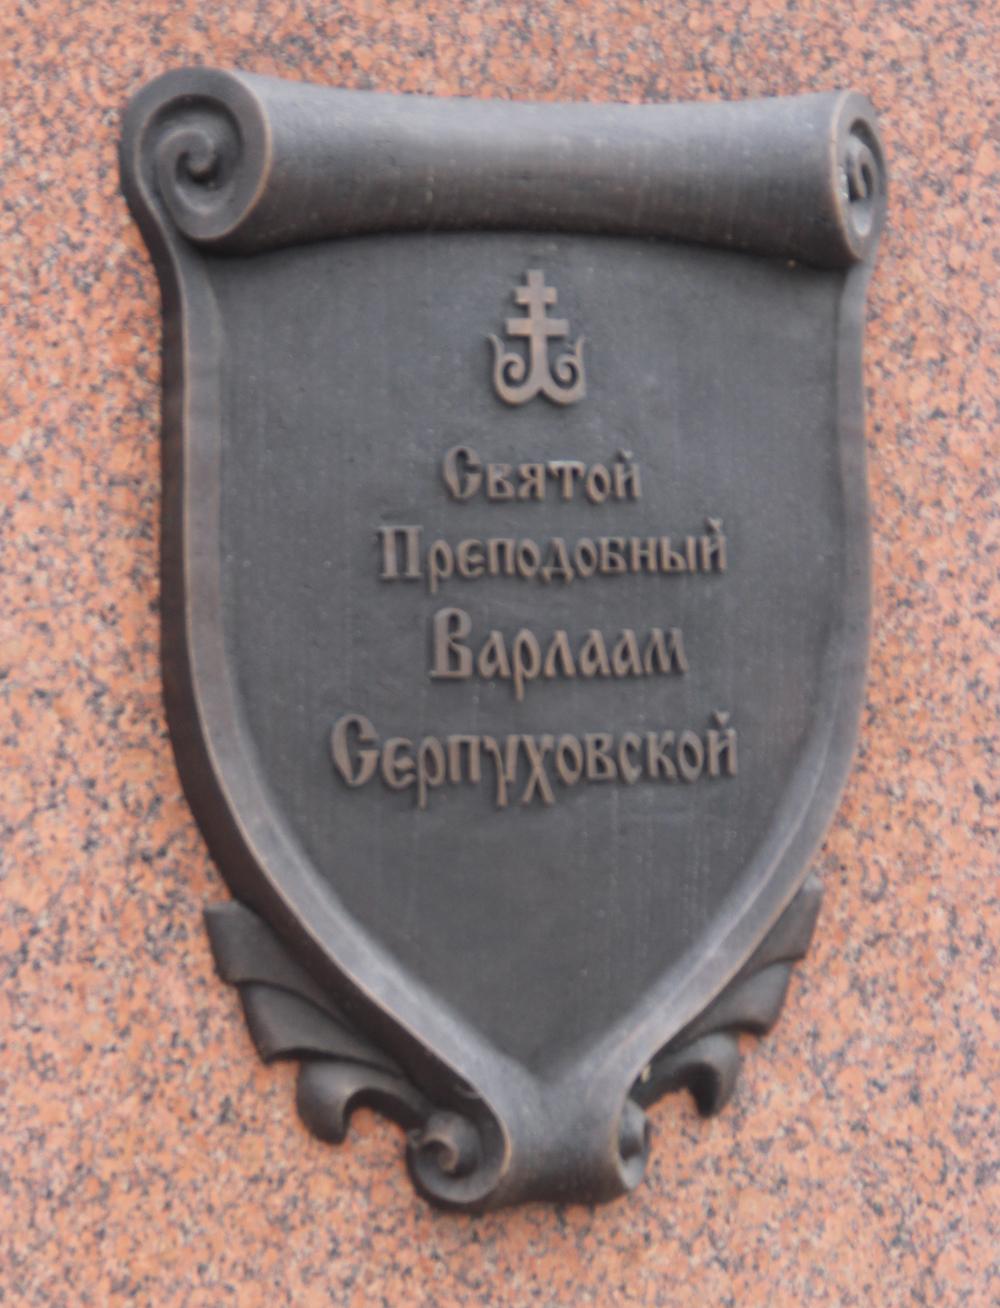 Памятник Святому Преподобному Варлааму Серпуховскому табличка